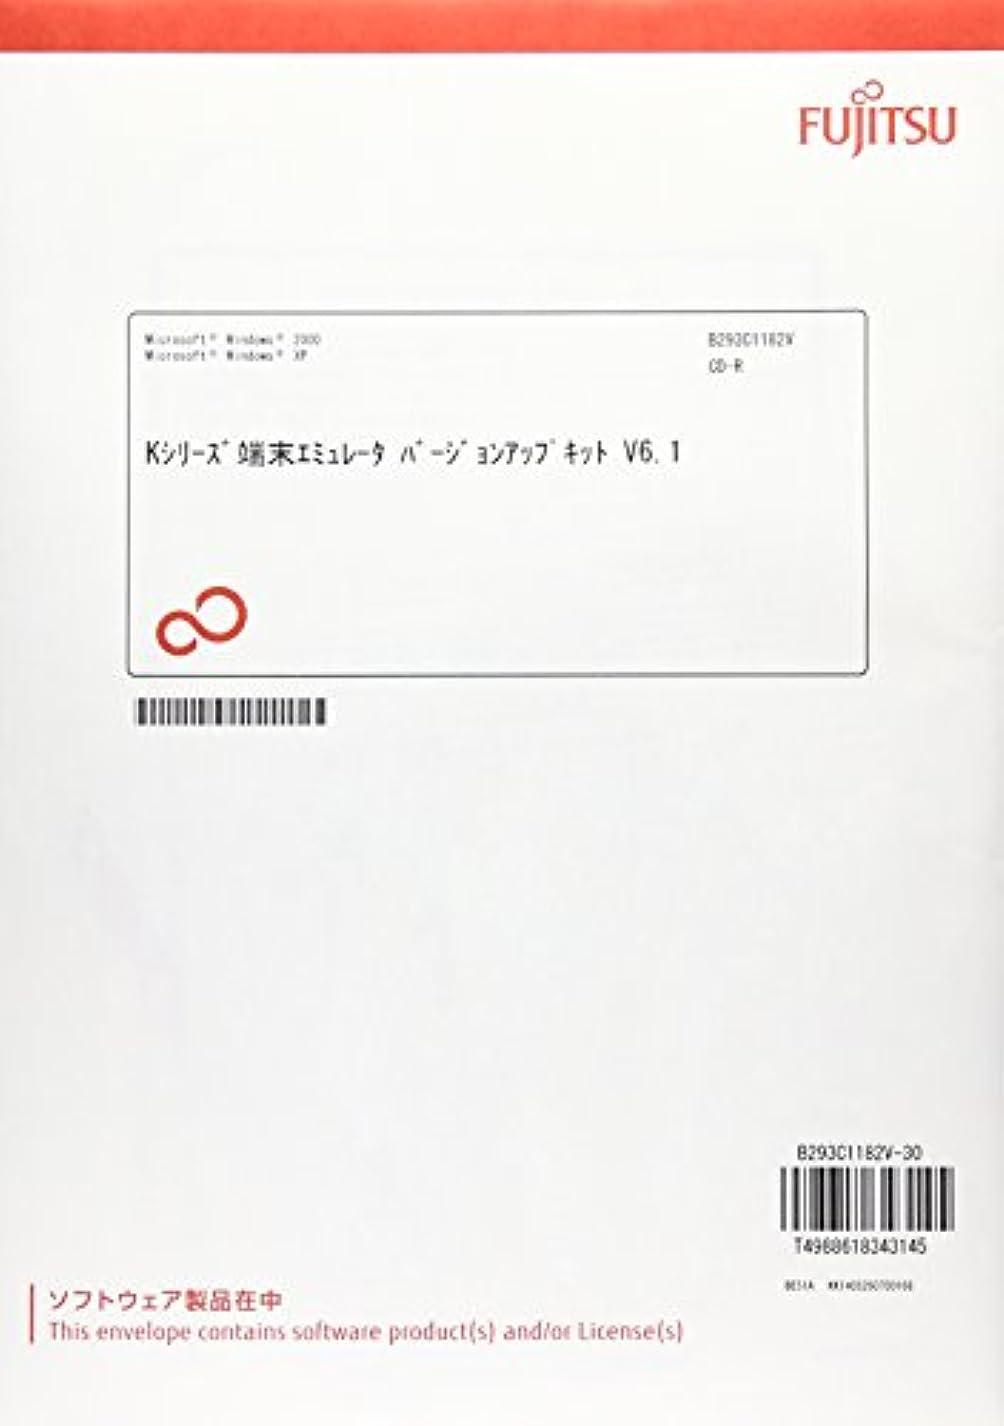 ぐるぐるセンブランス男Kシリーズ端末エミュレータ バージョンアップキット V6.1